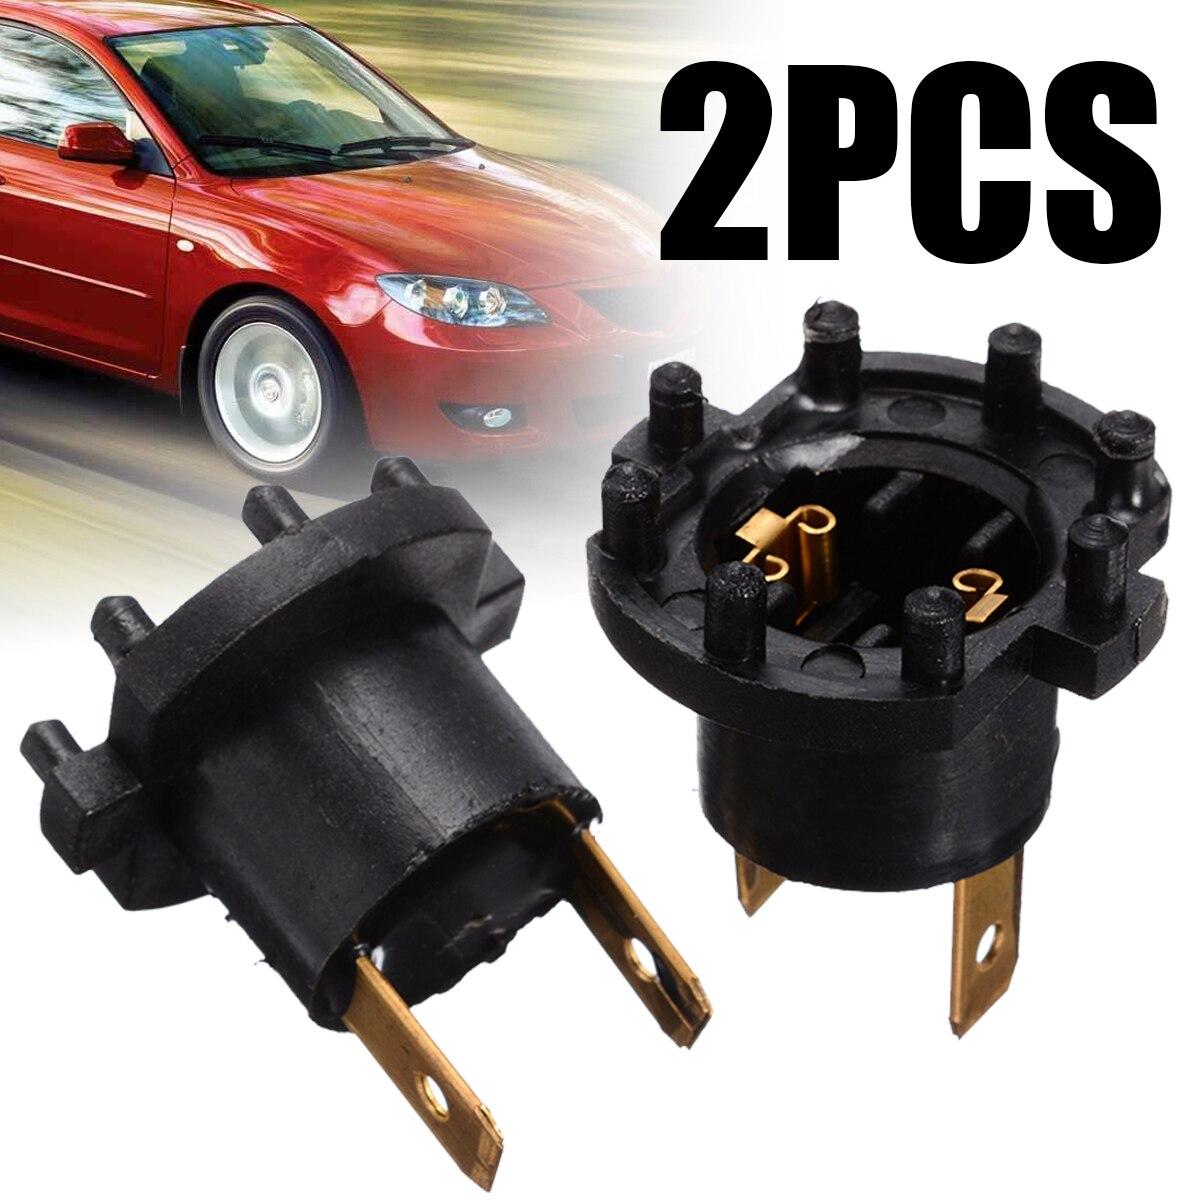 2pcs Headlight Bulb Black Color Socket Holder For Kawasaki ER6-F 2012/2015 For Mazda 3/5/323 Lamp Holder Accessories